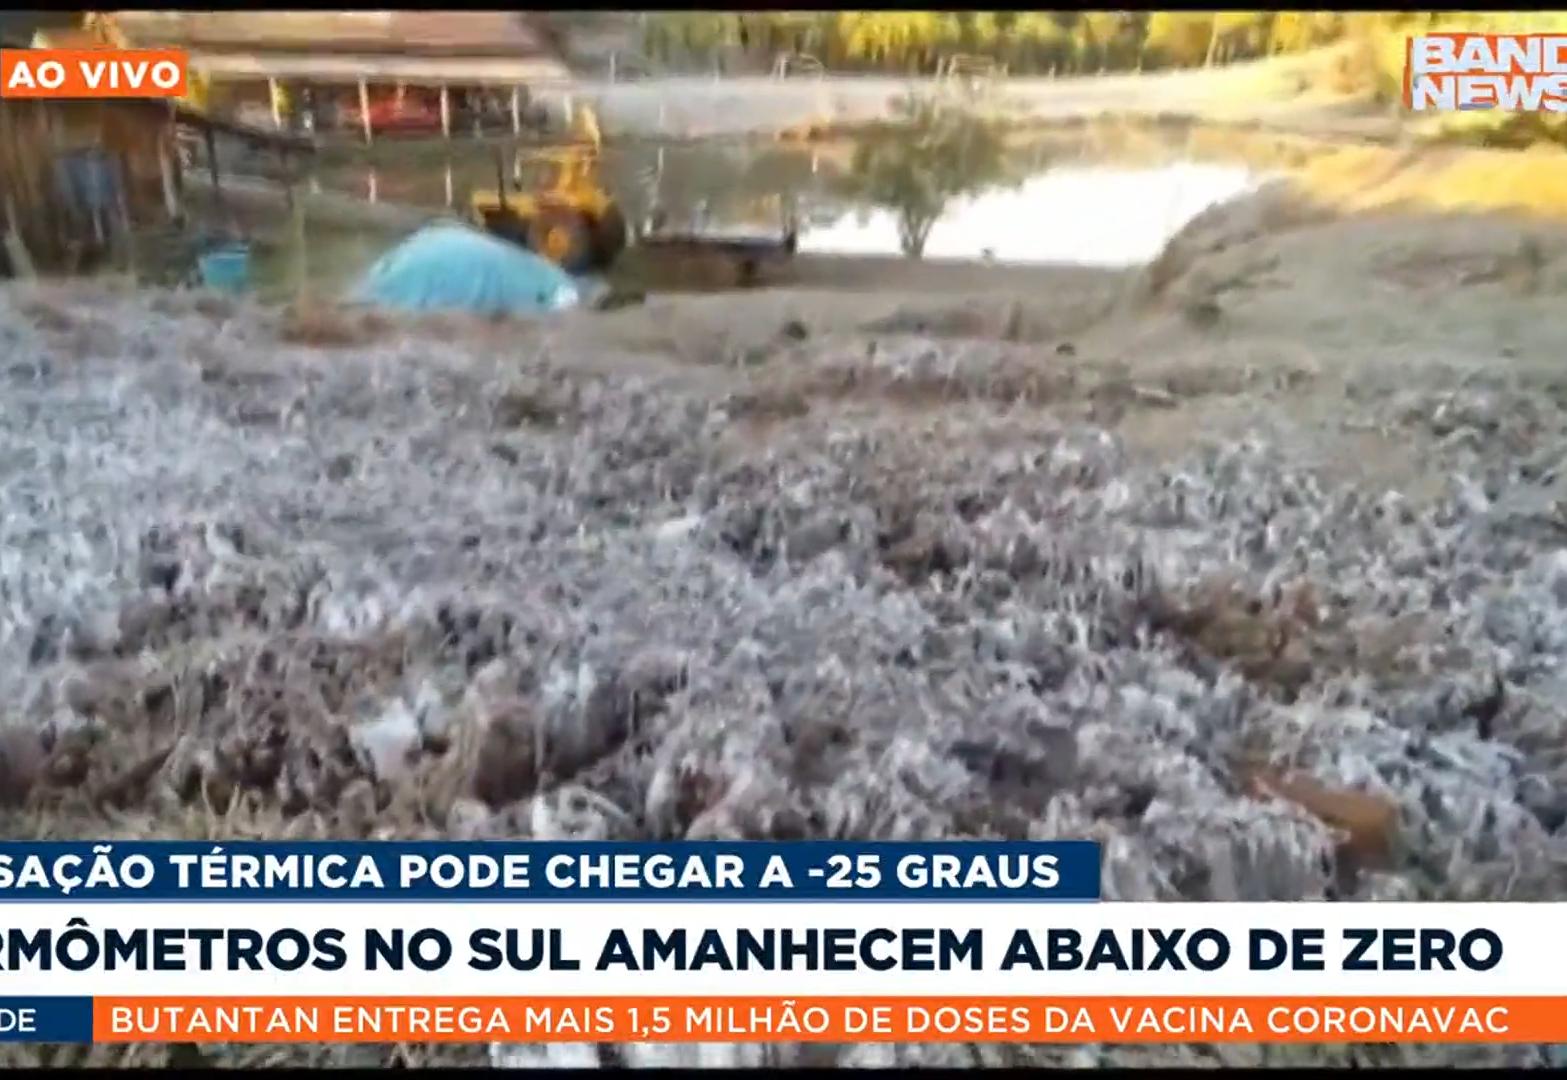 Onda de frio no Brasil: Sensação térmica chega a -20ºC na serra catarinense